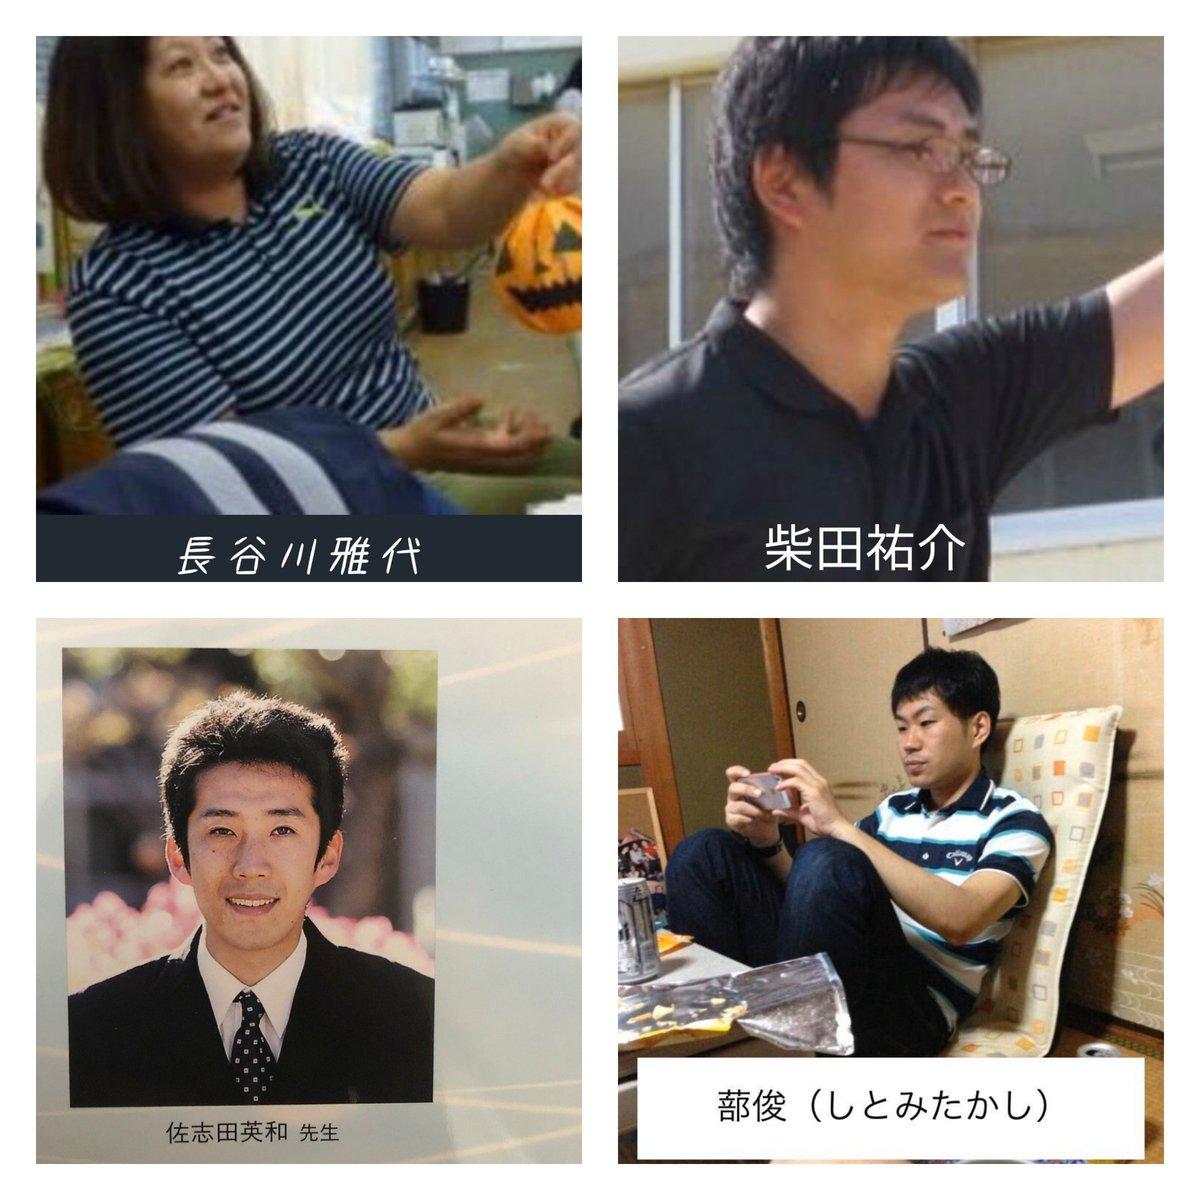 小学校 加害 教師 東須磨